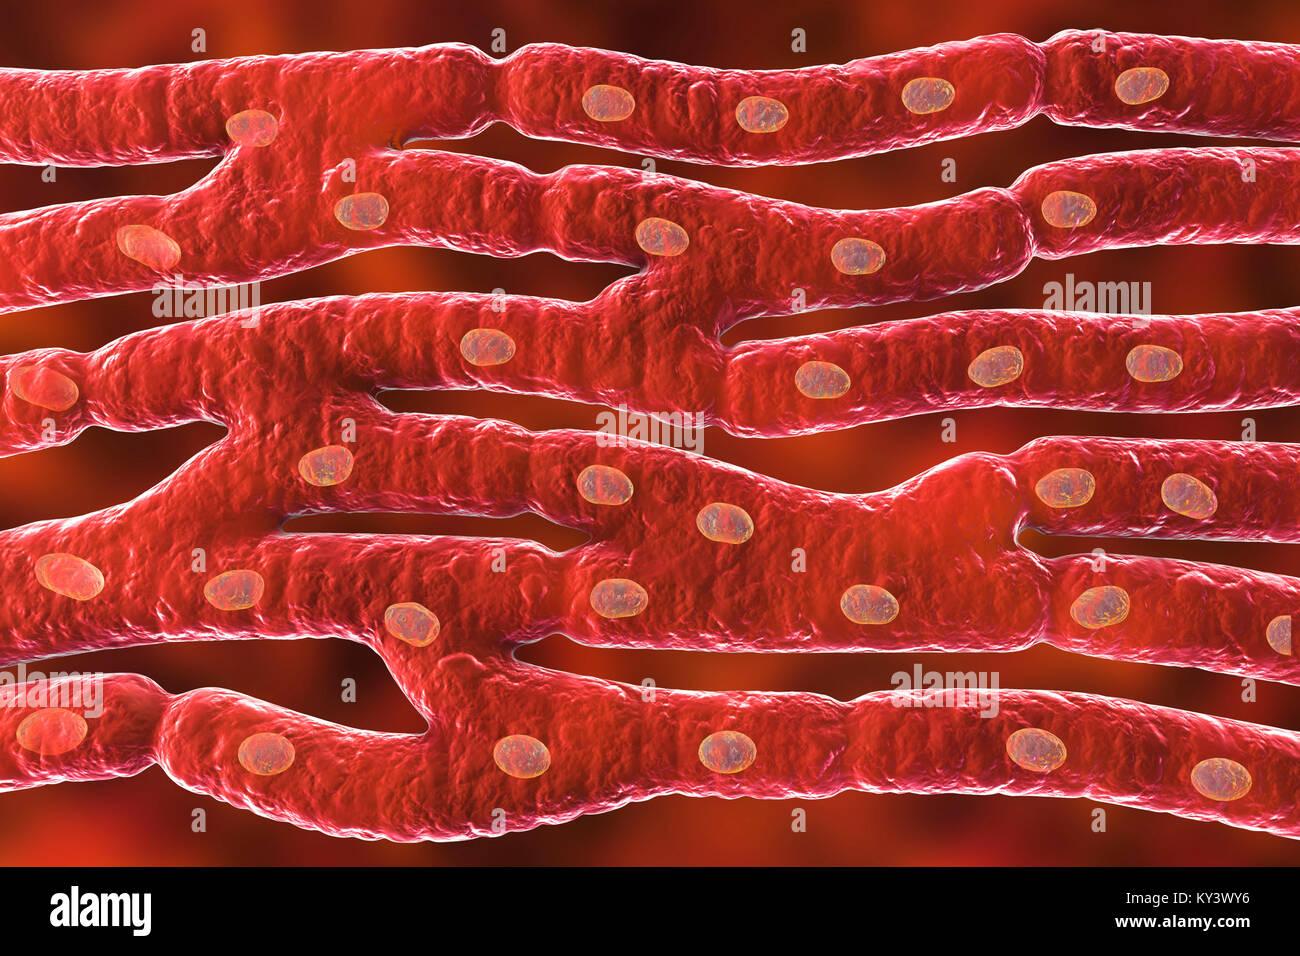 La structure du muscle cardiaque, l'illustration de l'ordinateur. Muscle cardiaque est composé de cellules Photo Stock